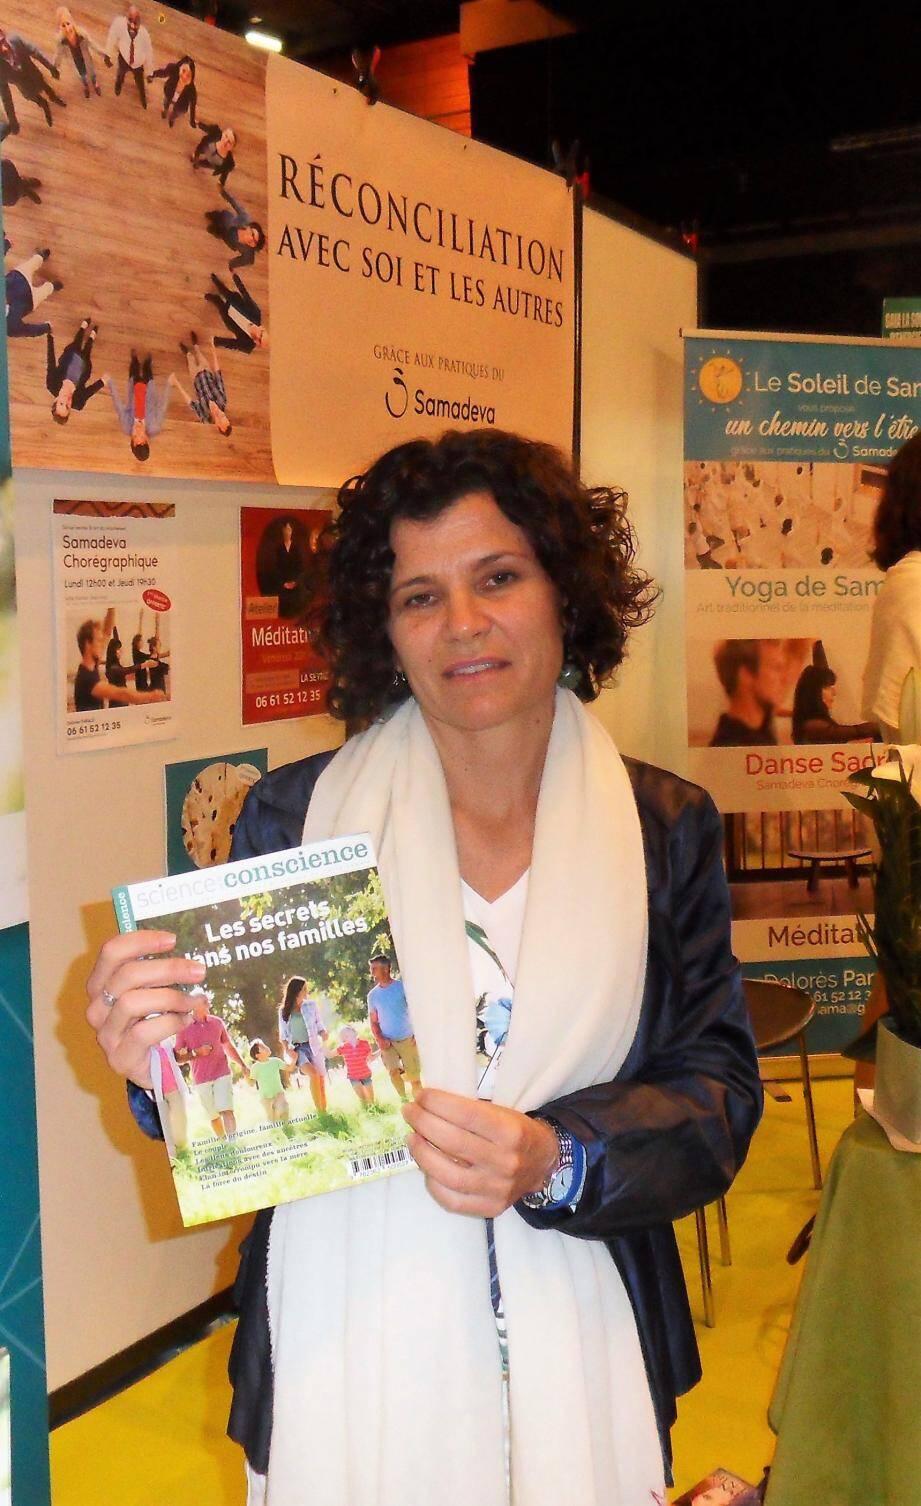 Dolores Parak propose de découvrir le Samadeva chorégraphique et le yoga de Samara.